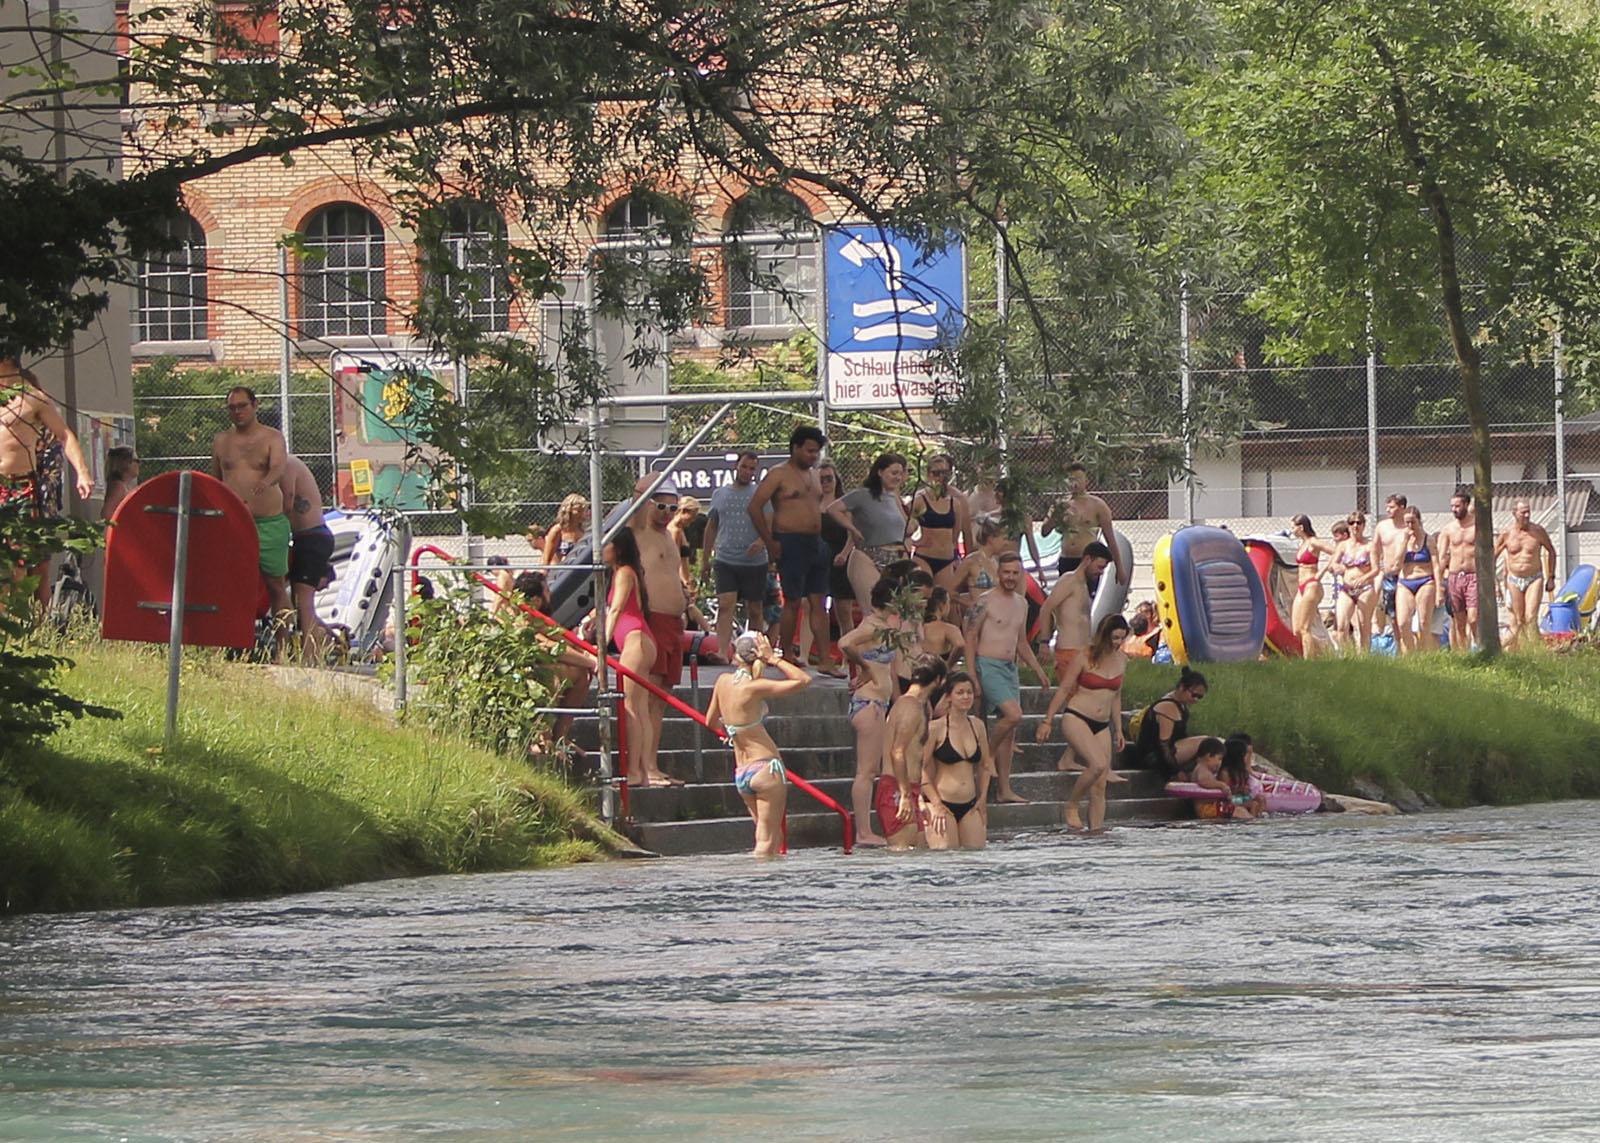 Die Auswasserungsstelle unter der Monbijoubrücke wird öfters von Schwimmern in Beschlag genommen. In diesem Fall empfiehlt sich die Weiterfahrt bis zur Dalmazibrücke